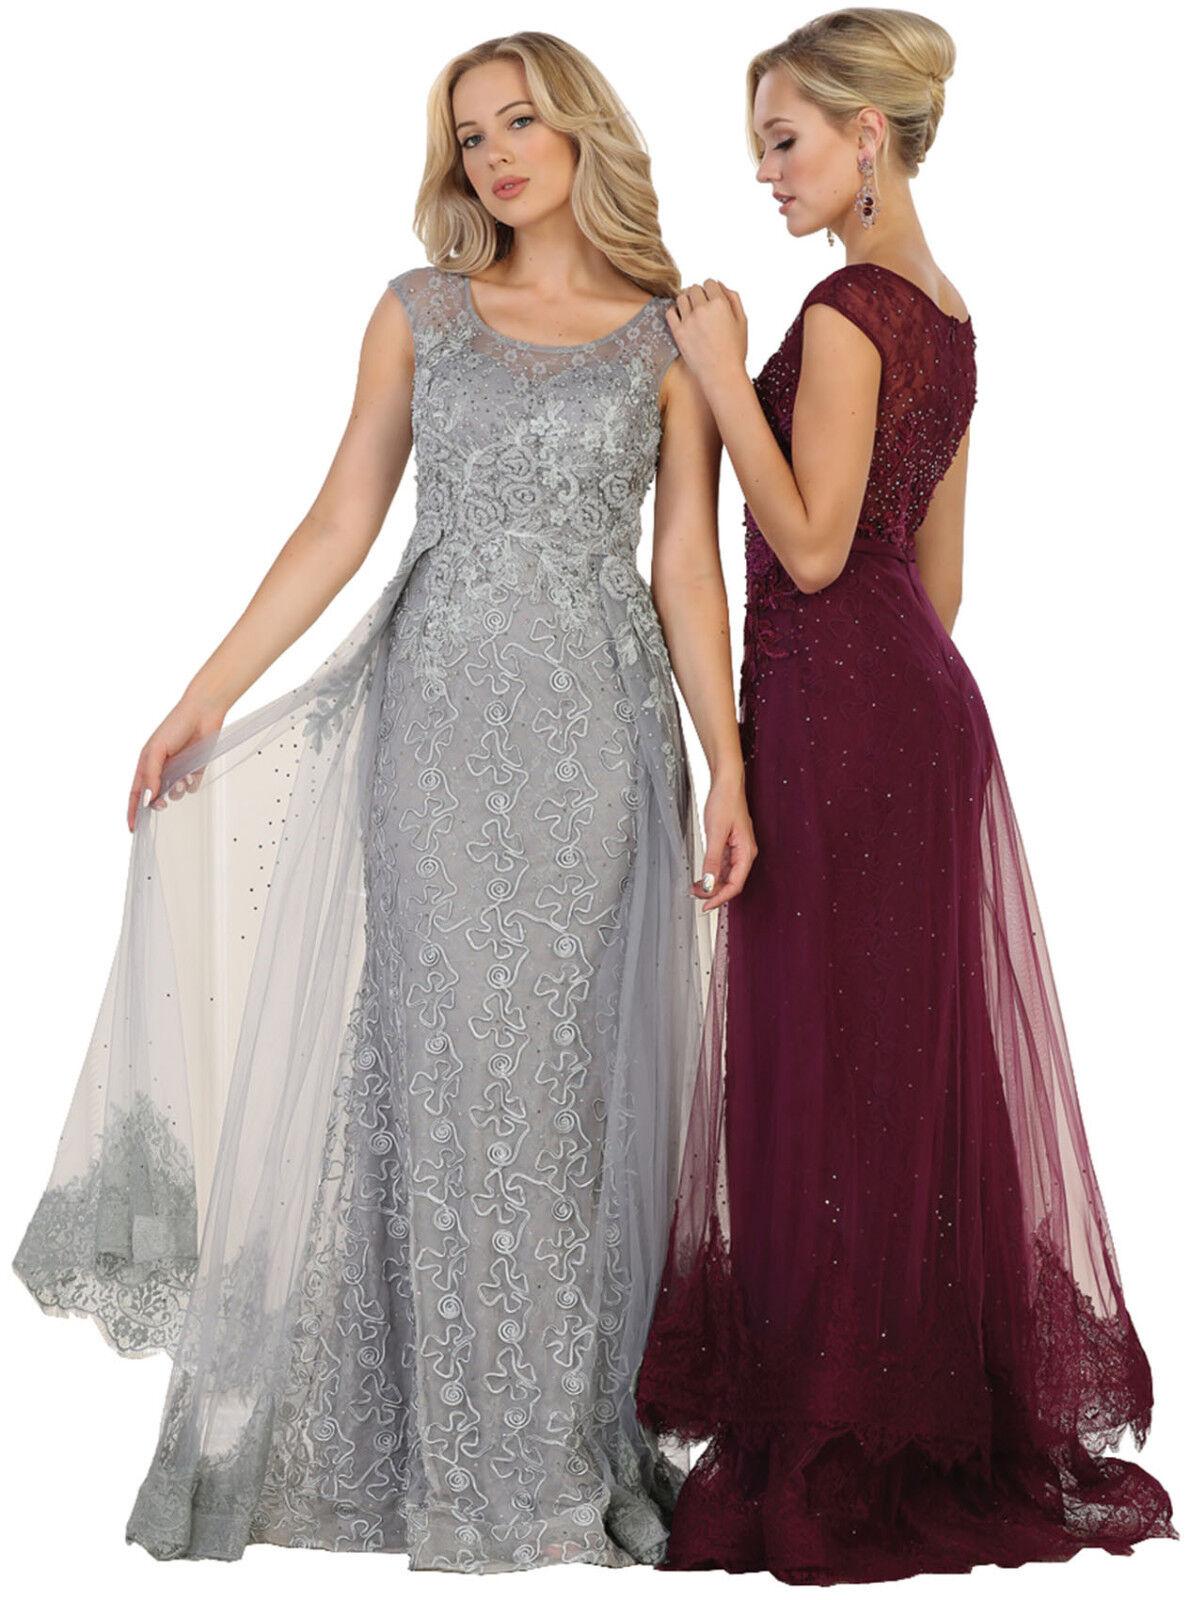 Ausverkauf  Neu Ball Schönheitswettbewerb Kleider Besondere Anlässe Kleider